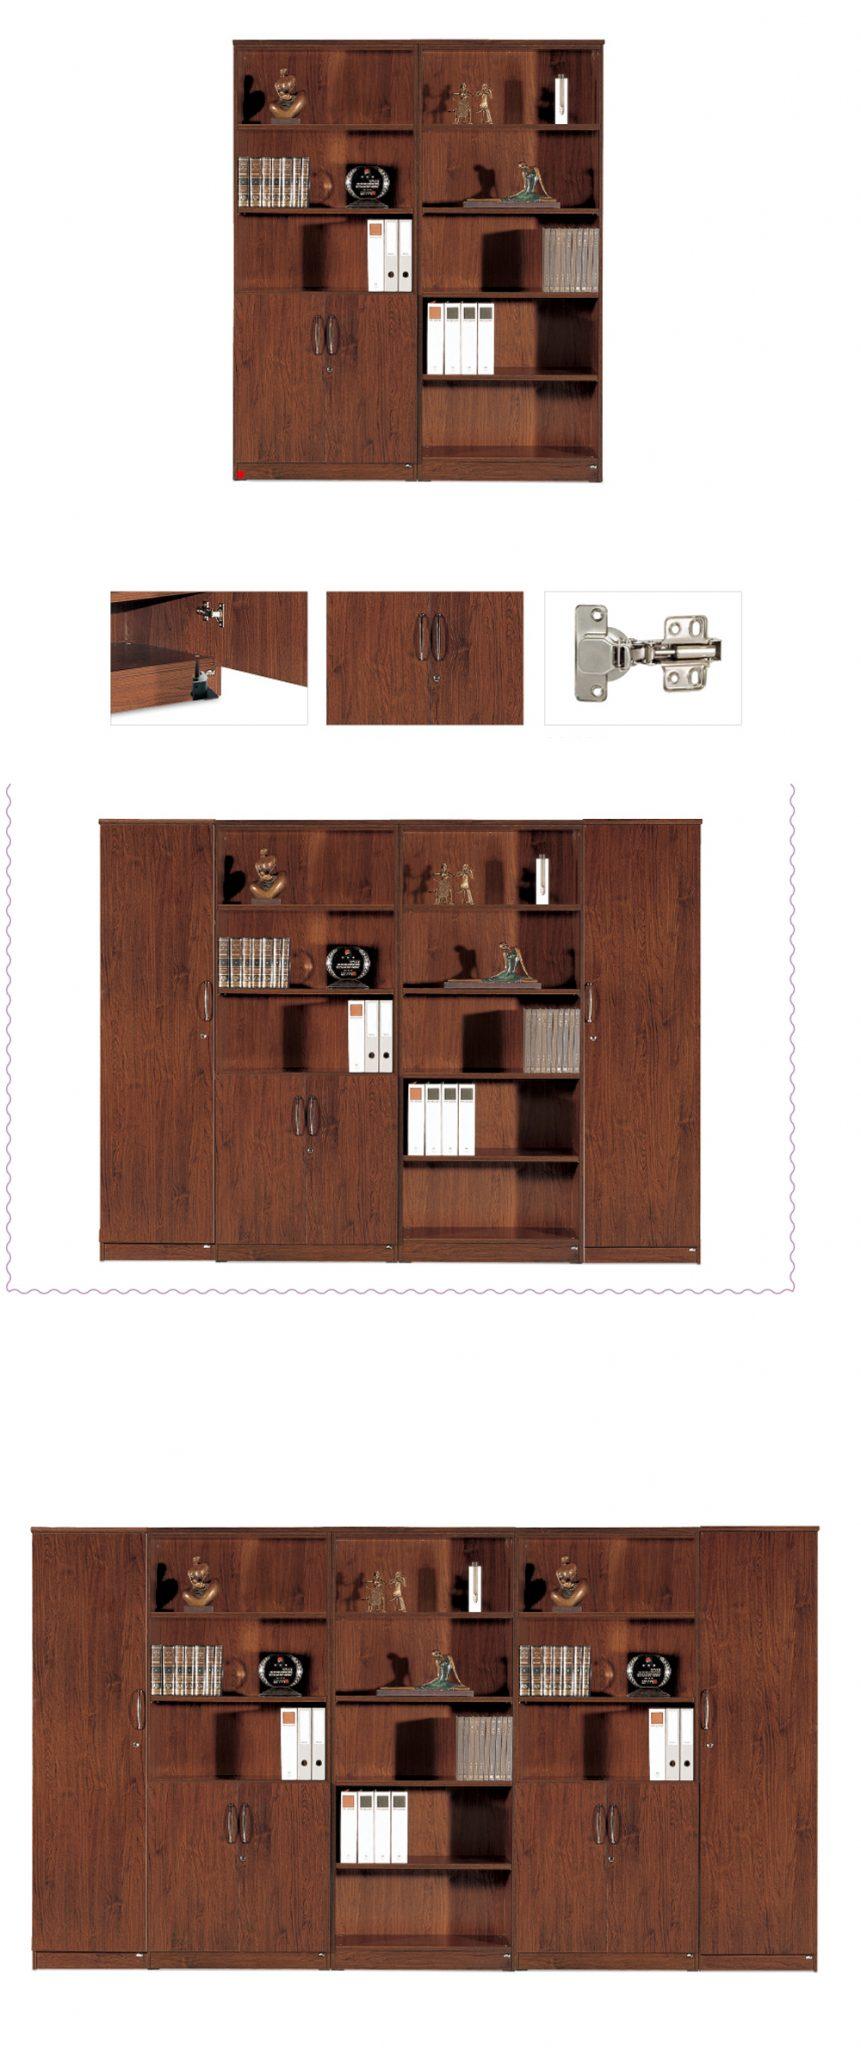 Thiết kế bắt mắt, tủ kệ xen kẽ tạo điểm nhấn thu hút sự chú ý đến sản phẩm được trưng bày.